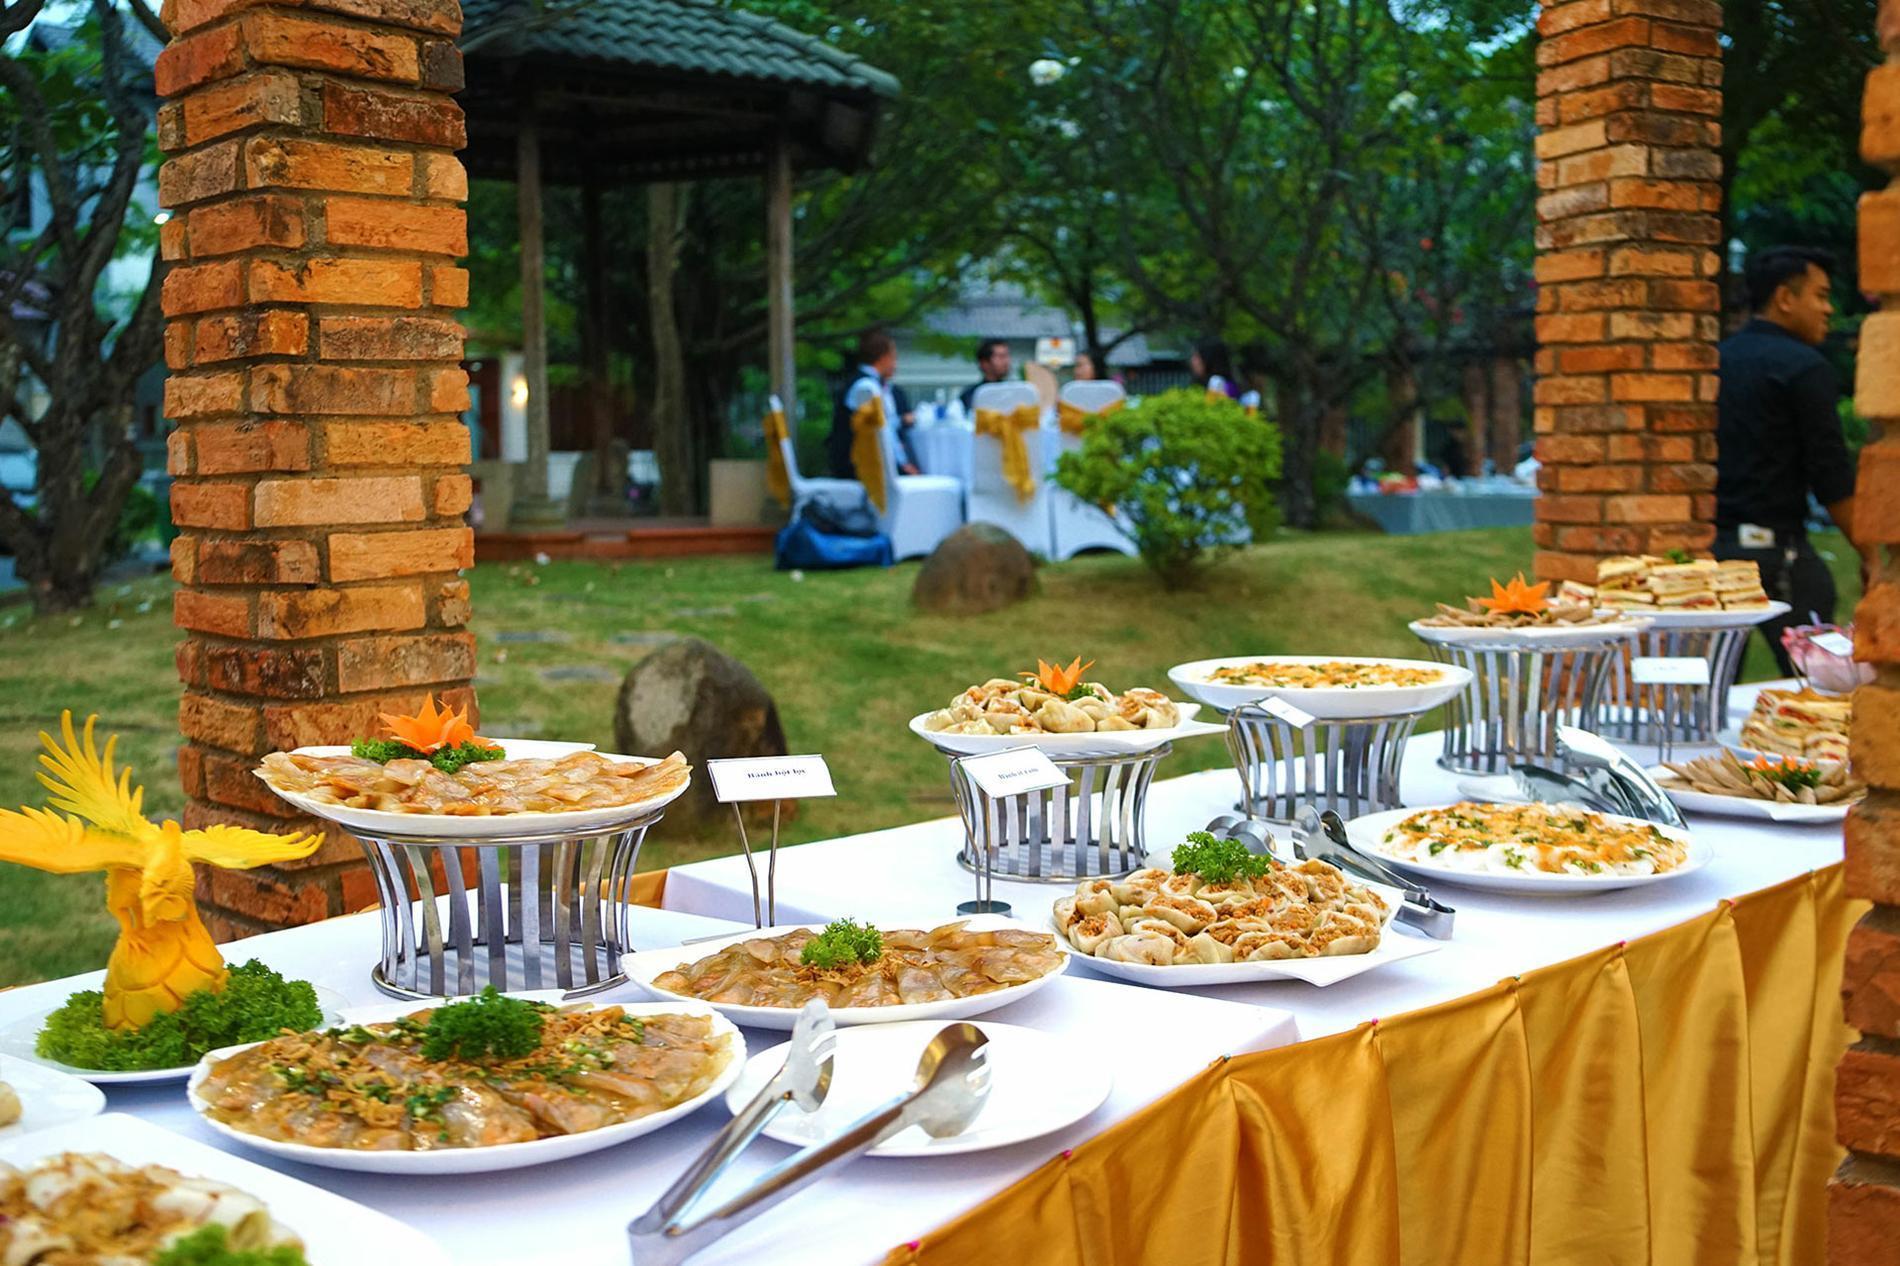 Đặt tiệc lưu động quận Bình Tân - Nơi niềm vui được thăng hoa trong buổi tiệc hoàn hảo